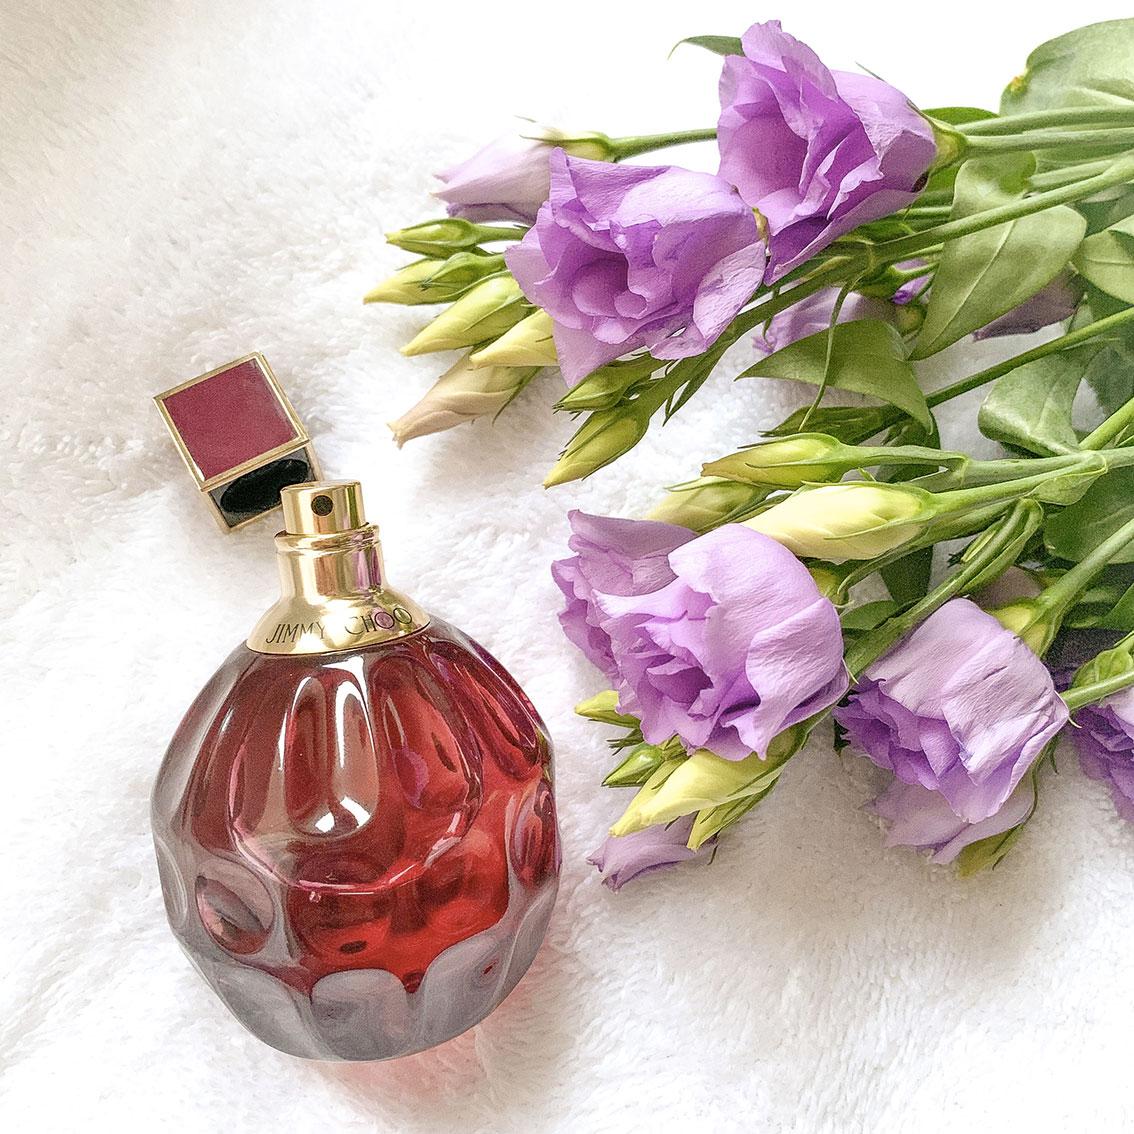 Blog Mon Avis De Parfum Sac Fever Dans Sur L'eau Jimmy Choo wn0vmN8